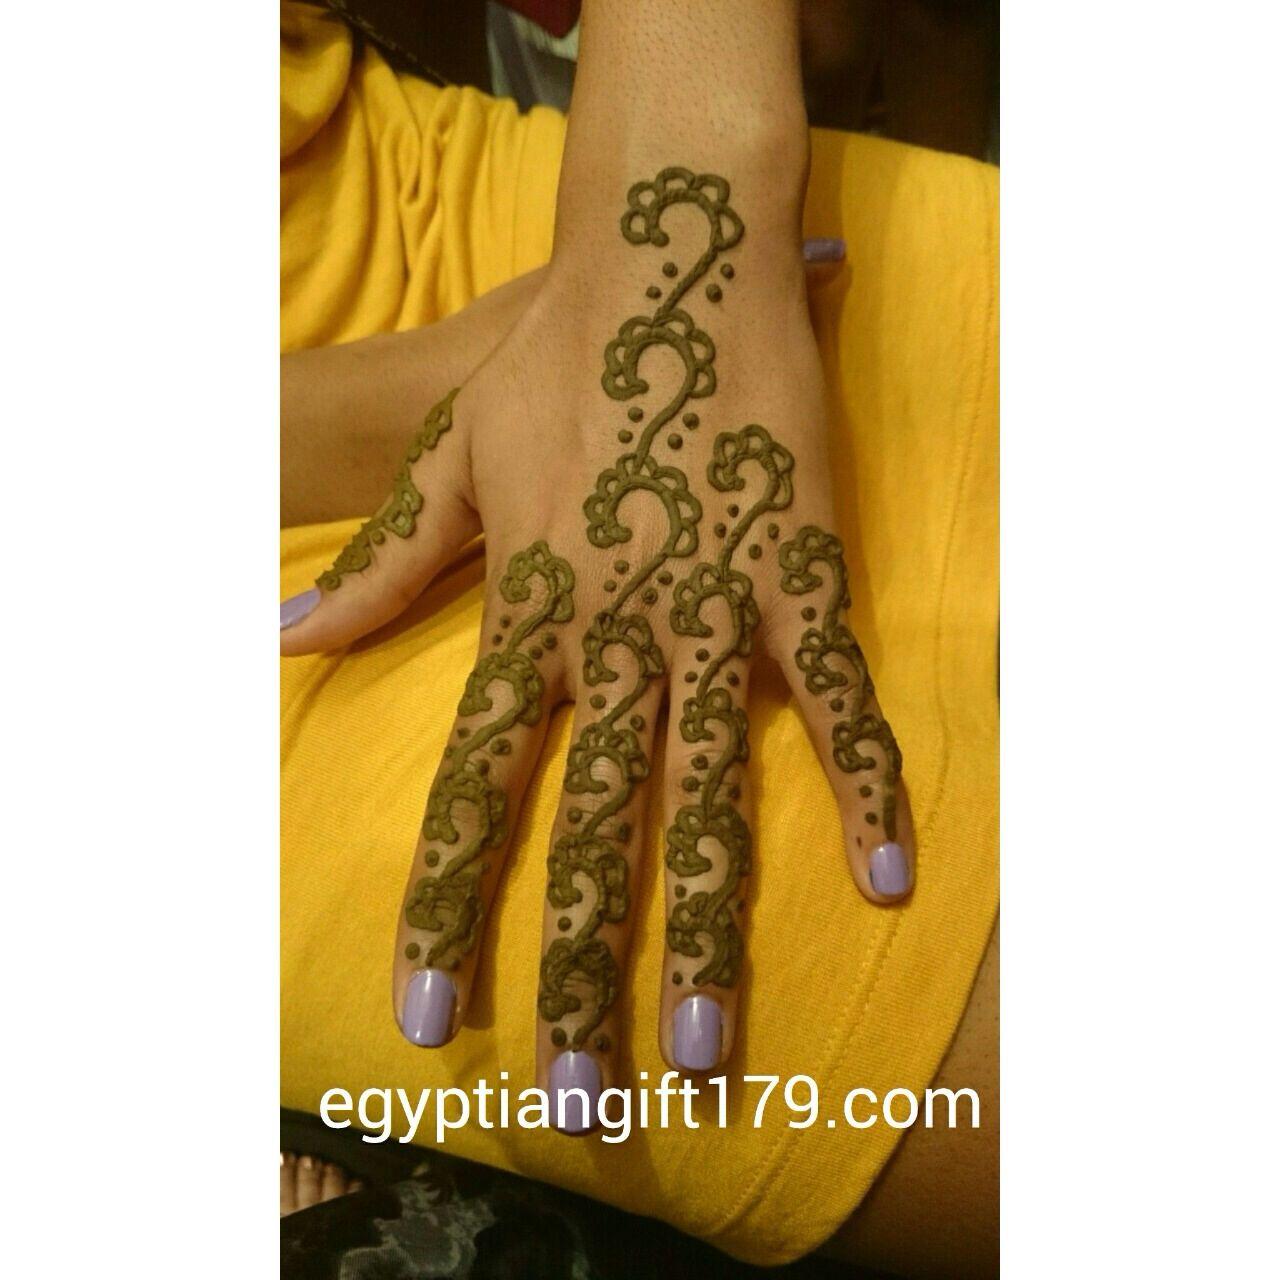 Egyptian Gift Corner Tattoo near me, Henna shop, Henna